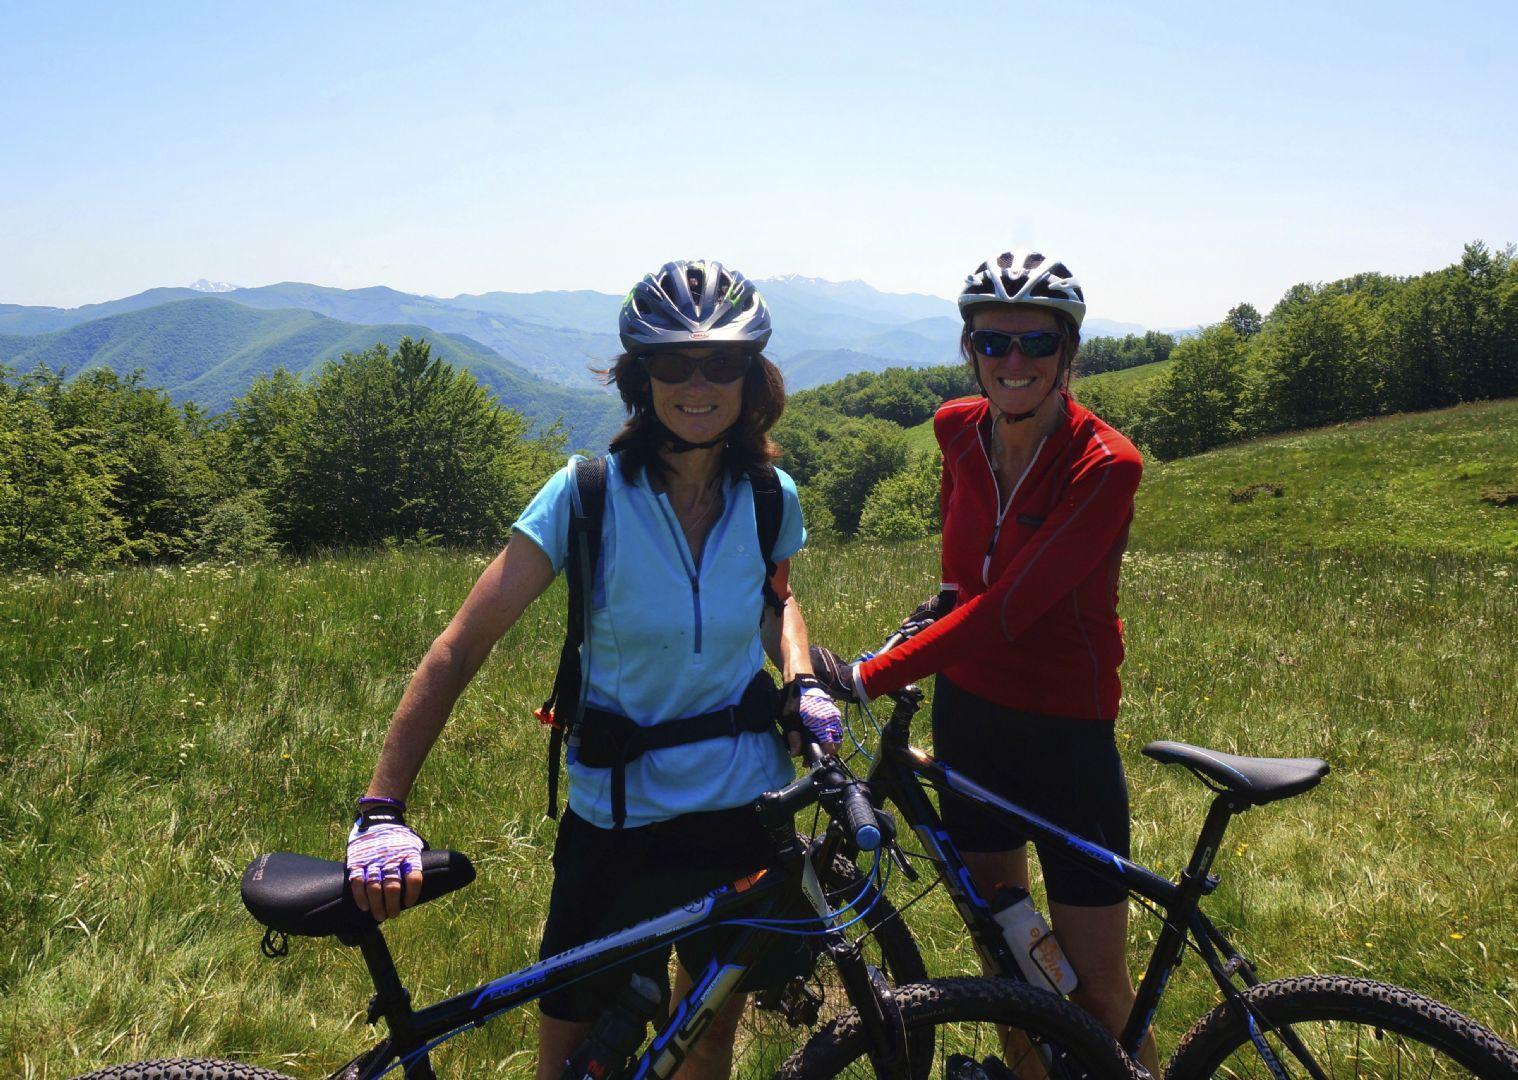 DSC03827.jpg - Italy - Via Francigena (Tuscany to Rome) - Mountain Biking